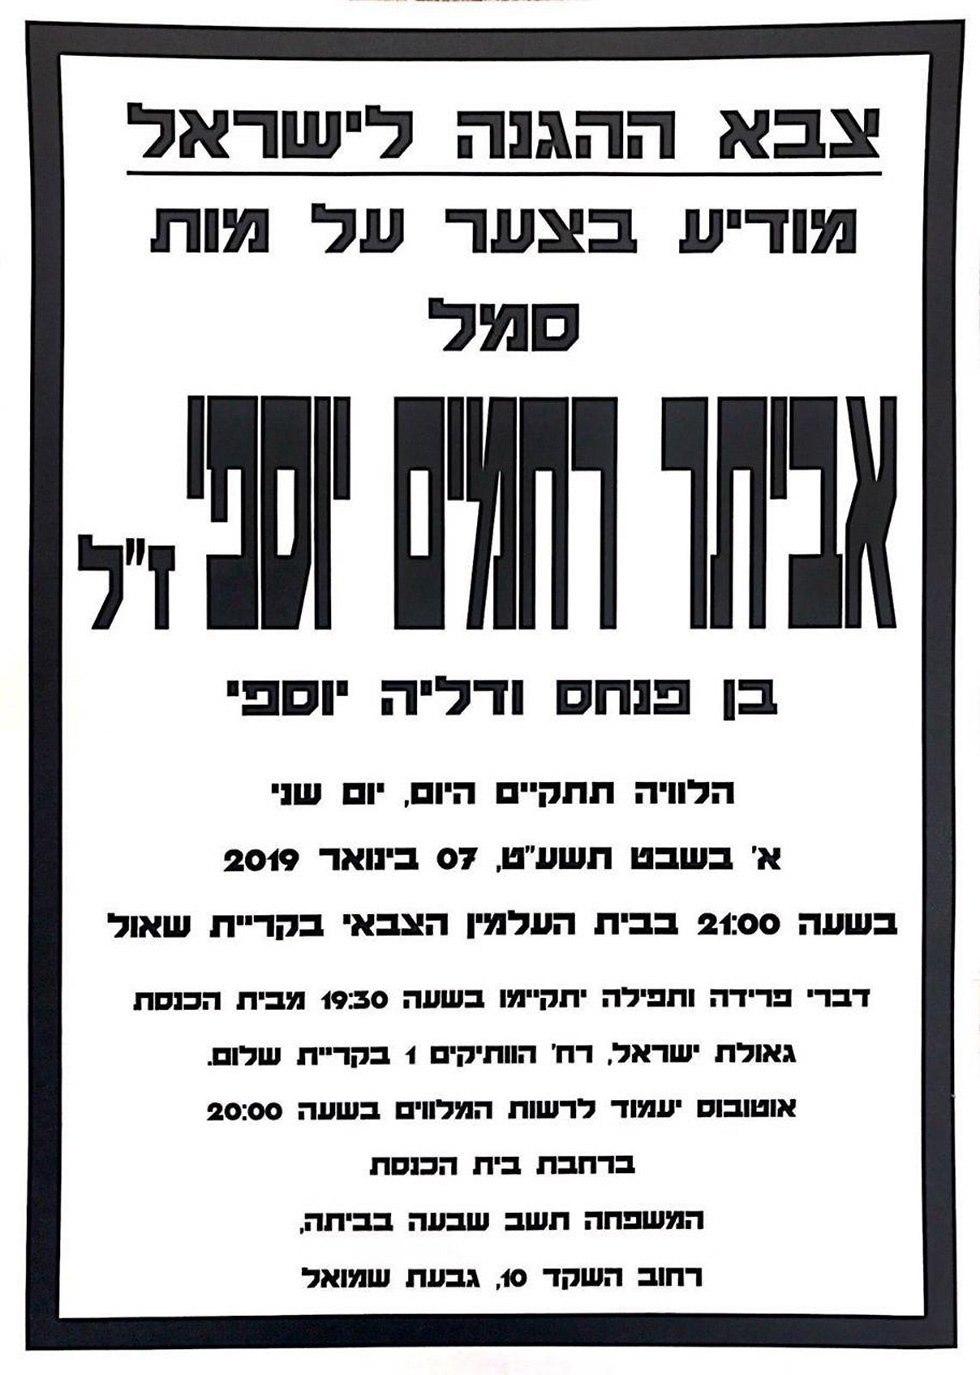 מודעת האבל של החייל אביתר יוספי שנהרג בנחל חילזון ()